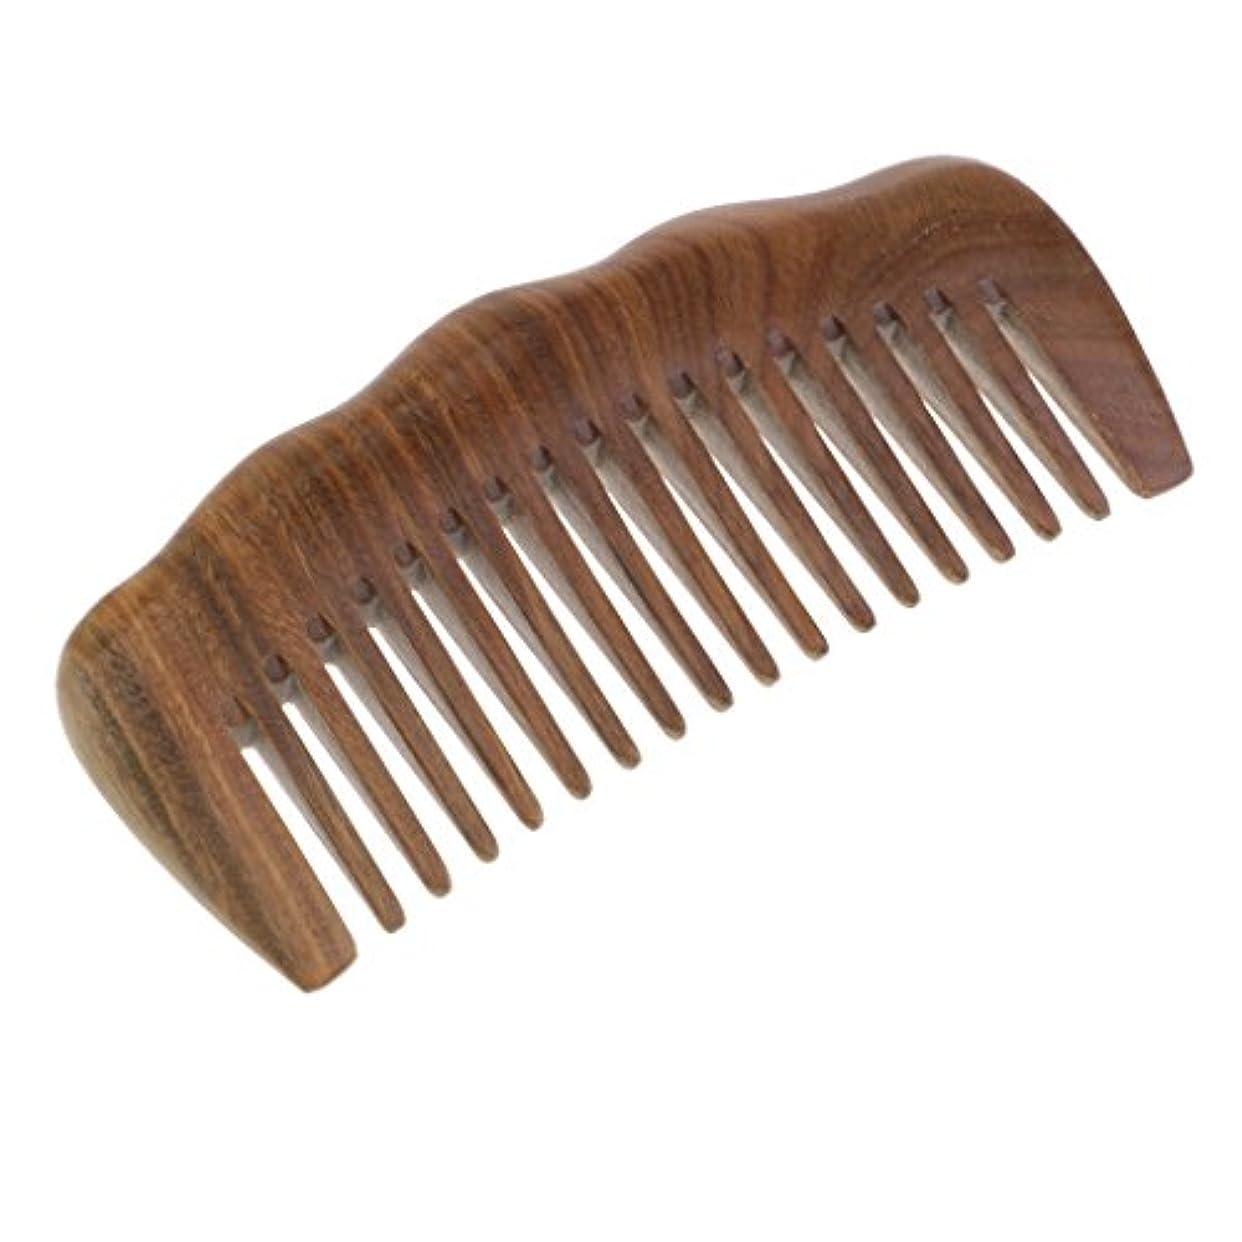 あるコンデンサー性能緑のビャクダンの毛の櫛 - 巻き毛のための広い歯の木のもつれ解除の櫛 - いいえ静的で自然な香りの木製の櫛